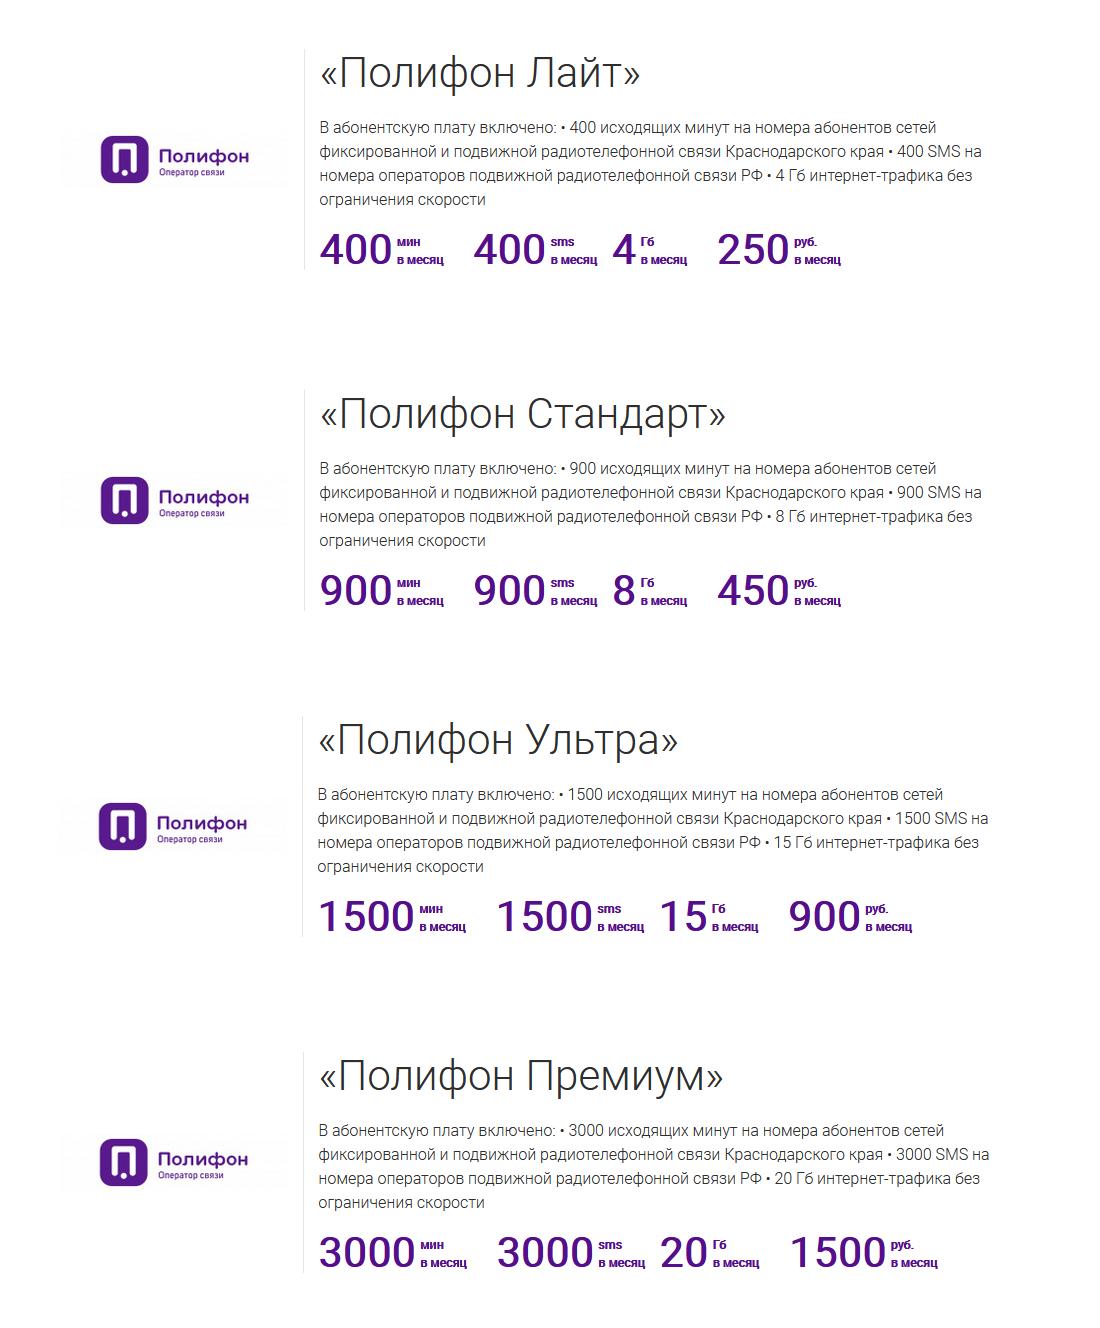 Оператор связи Полифон - новое Краснодарское чудо 2